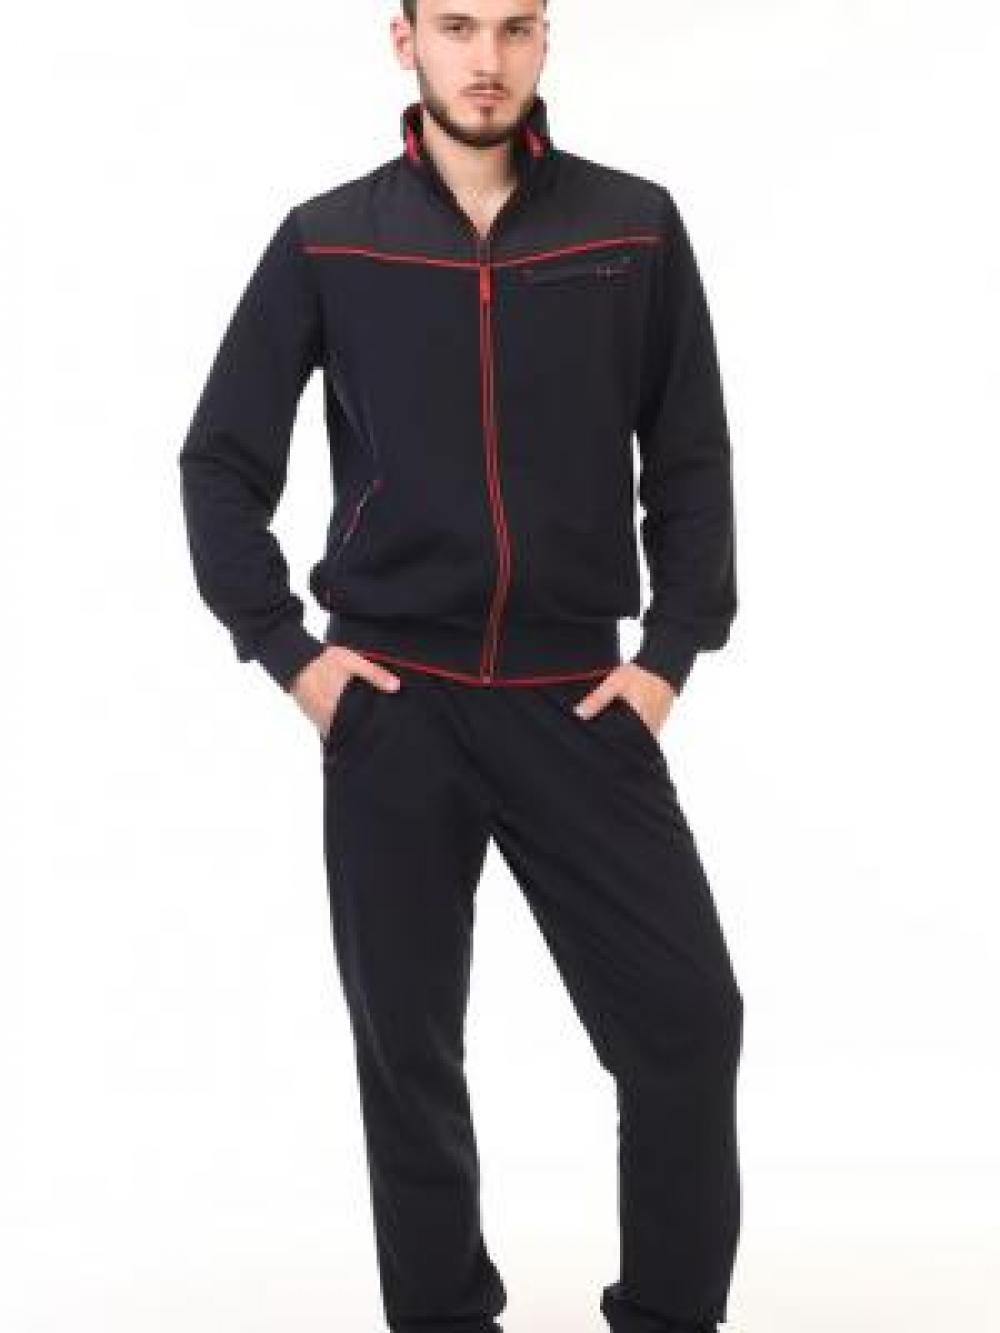 8ffad3880e6 Поставки турецких мужских спортивных костюмов оптом в Иркутске